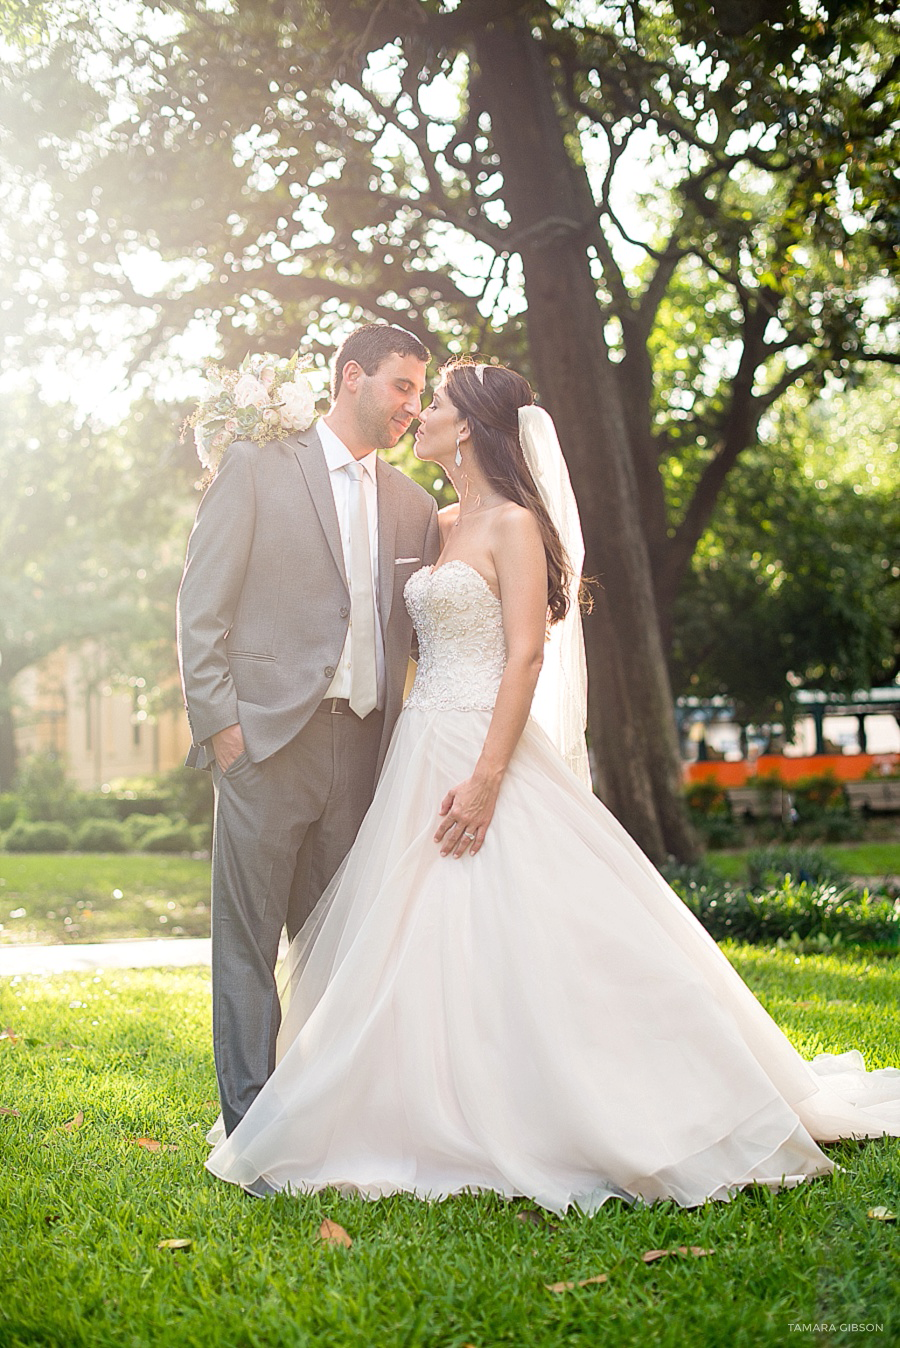 UK Wedding Storecouk  Wedding Directory UK Wedding